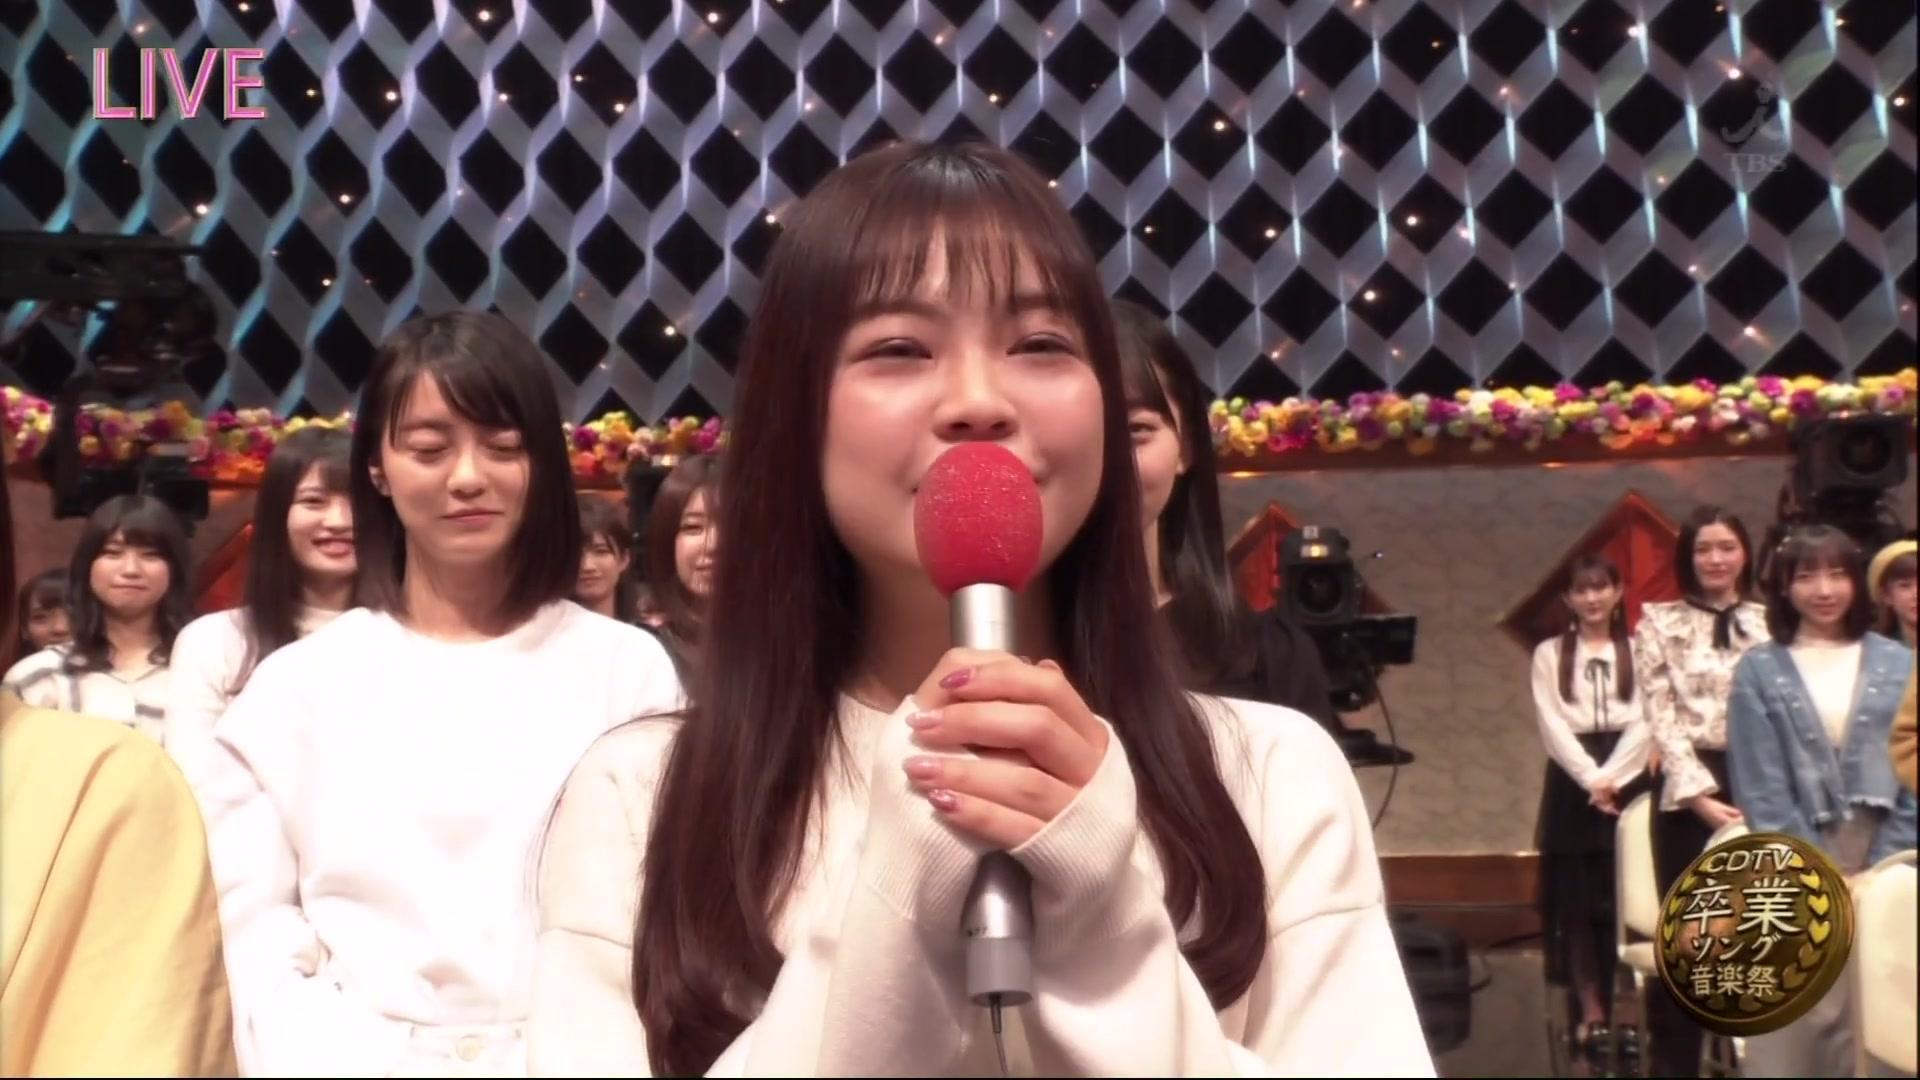 【AKB48】「トーク」&「恋するフォーチュンクッキー」&「ジワるdays」@CDTVスペシャル!卒業ソング音楽祭